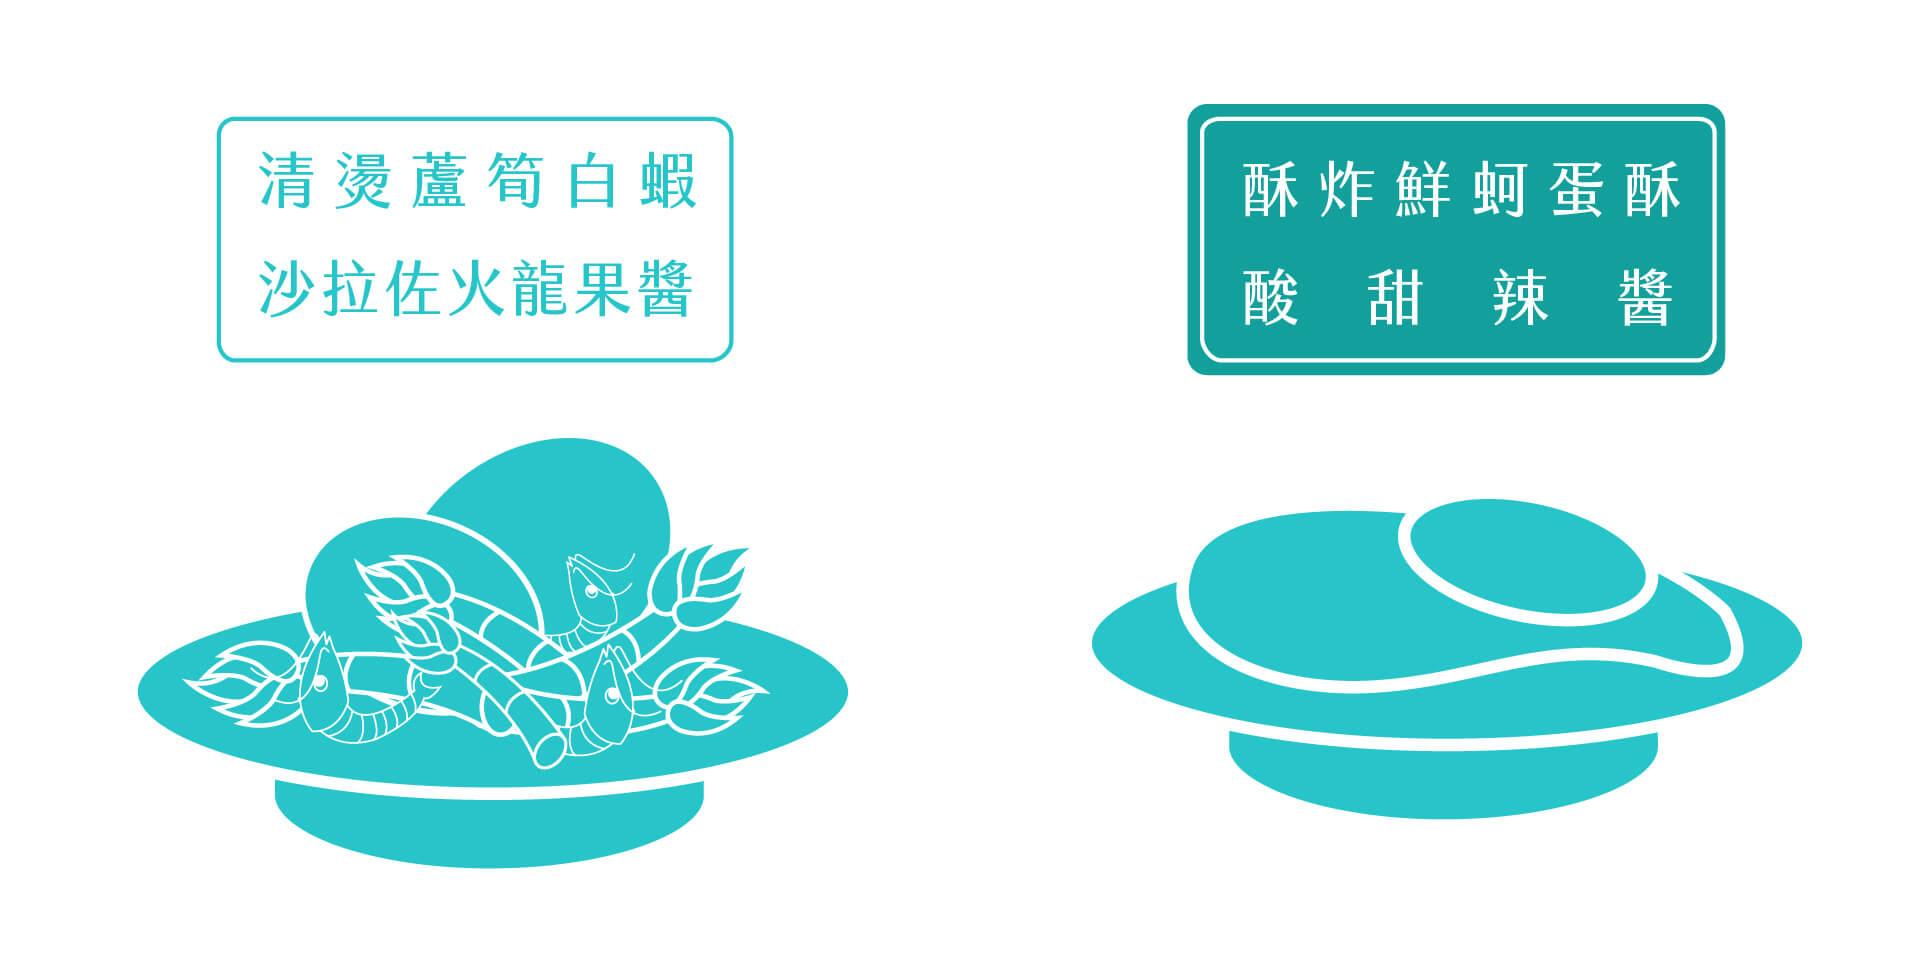 2018台南美食節活動春季 - 47-妳好南搞